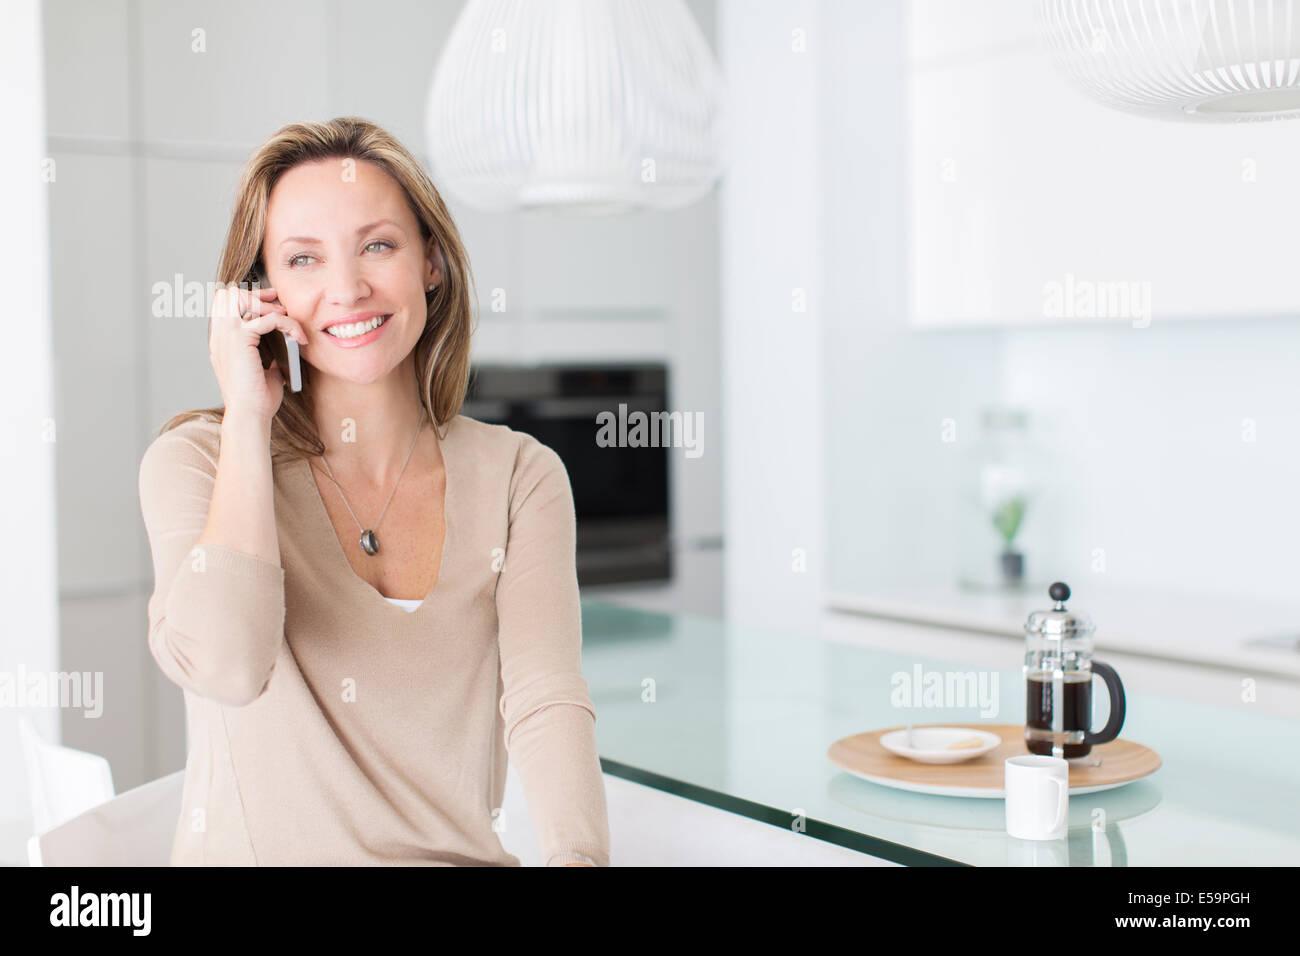 Frau am Handy am Frühstückstisch Stockbild